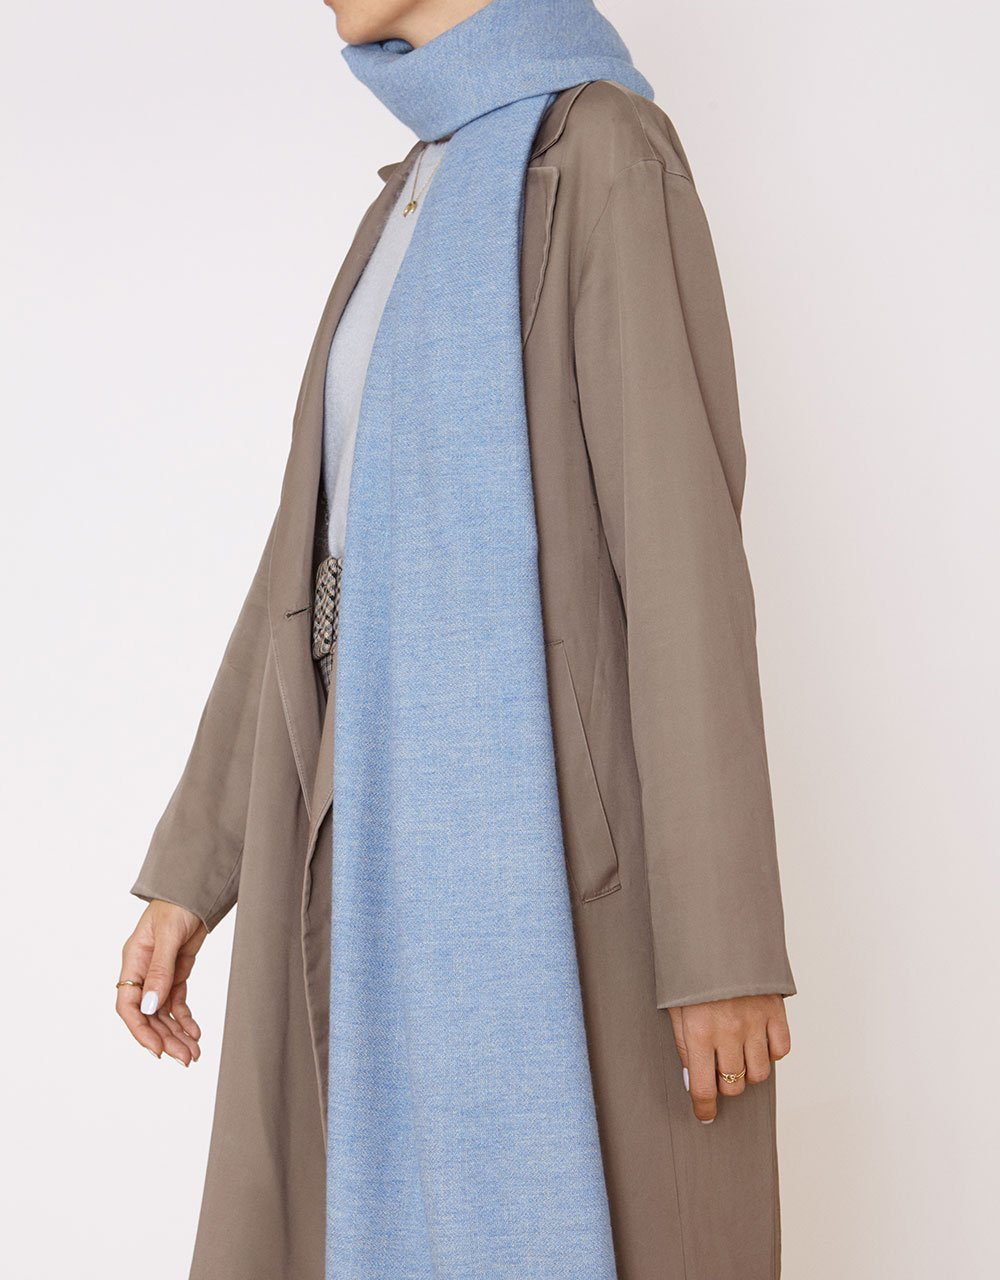 shawl05a